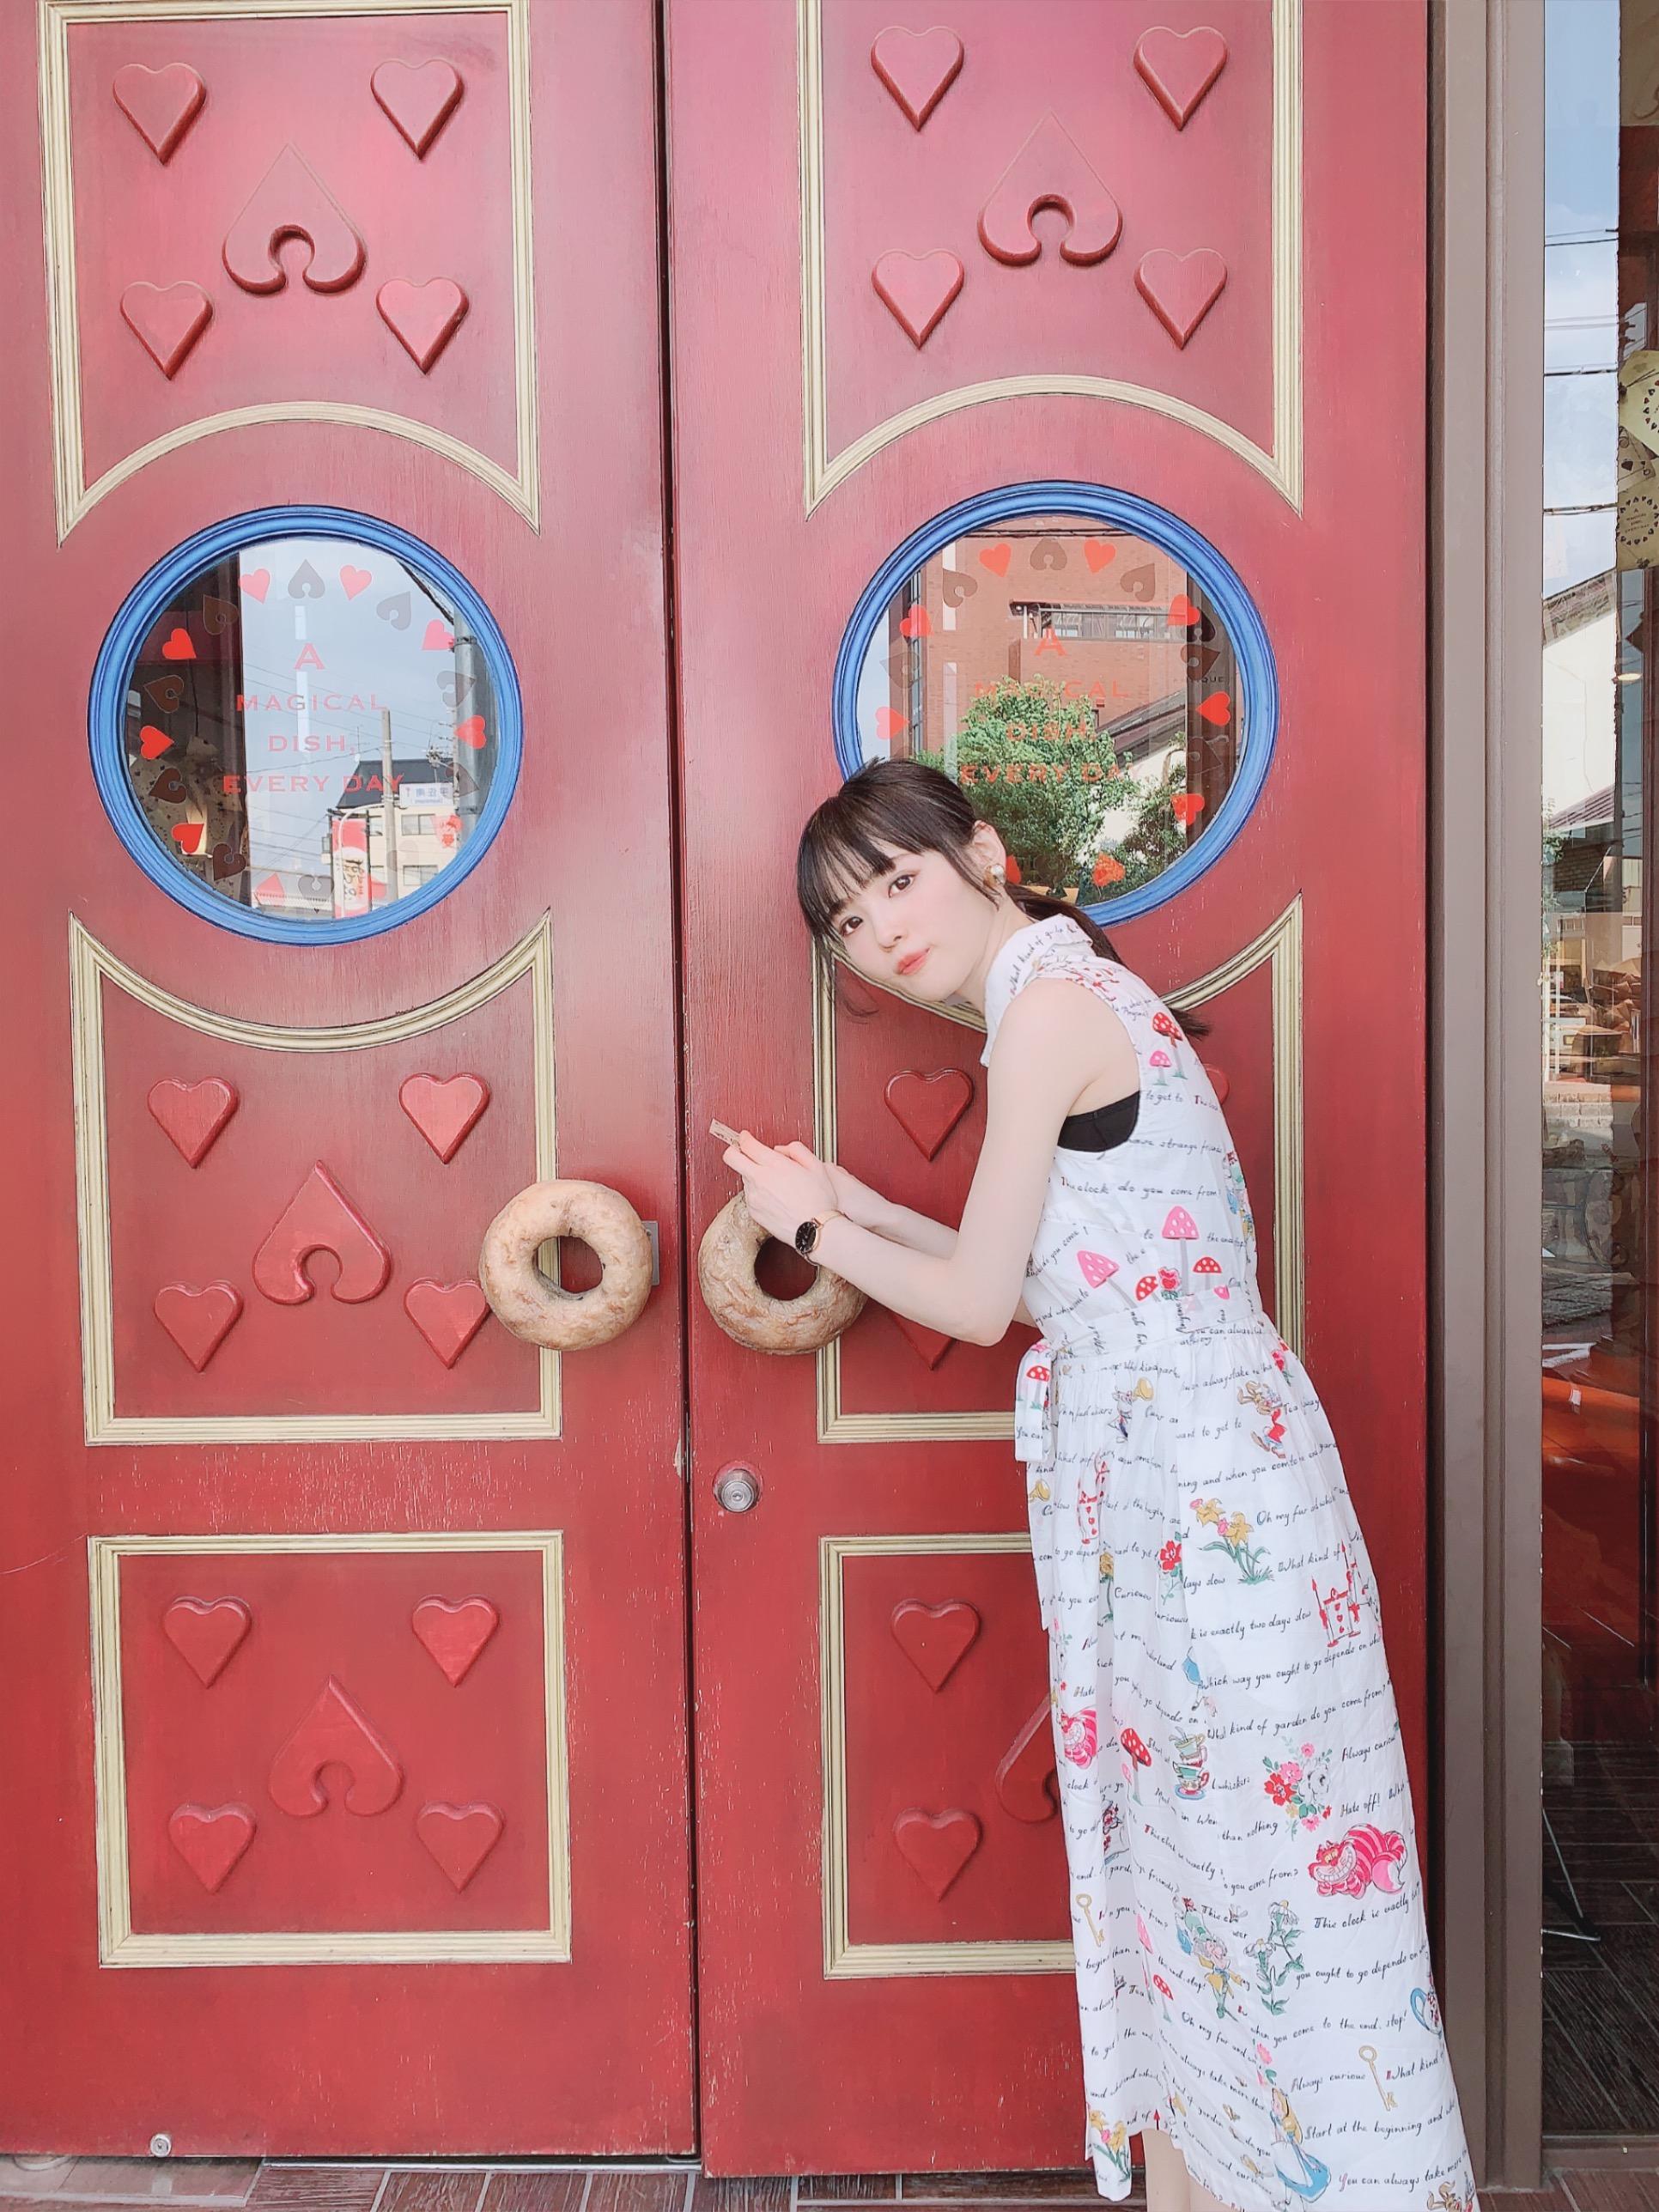 【岐阜】アリスのお城のパン屋さん!?「HEART BREAD ANTIQUE」_2